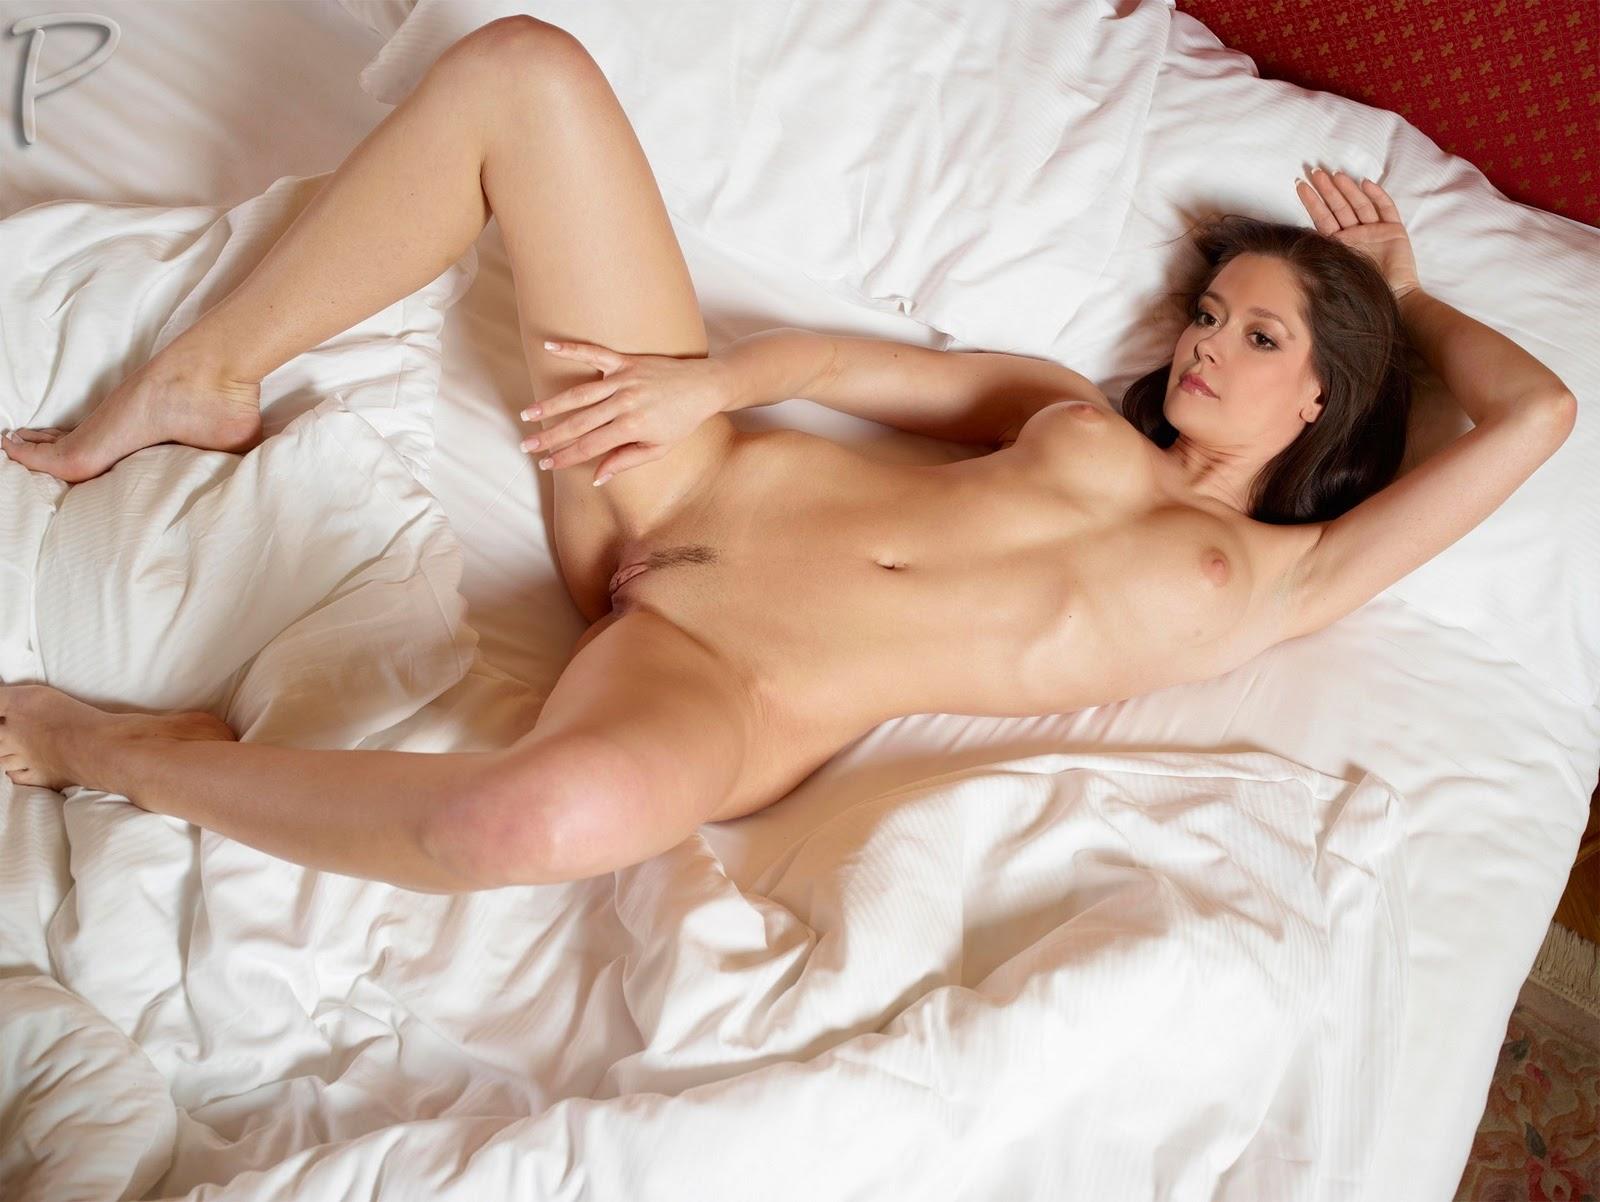 Weinlese Erotik Forum Sarah Junge